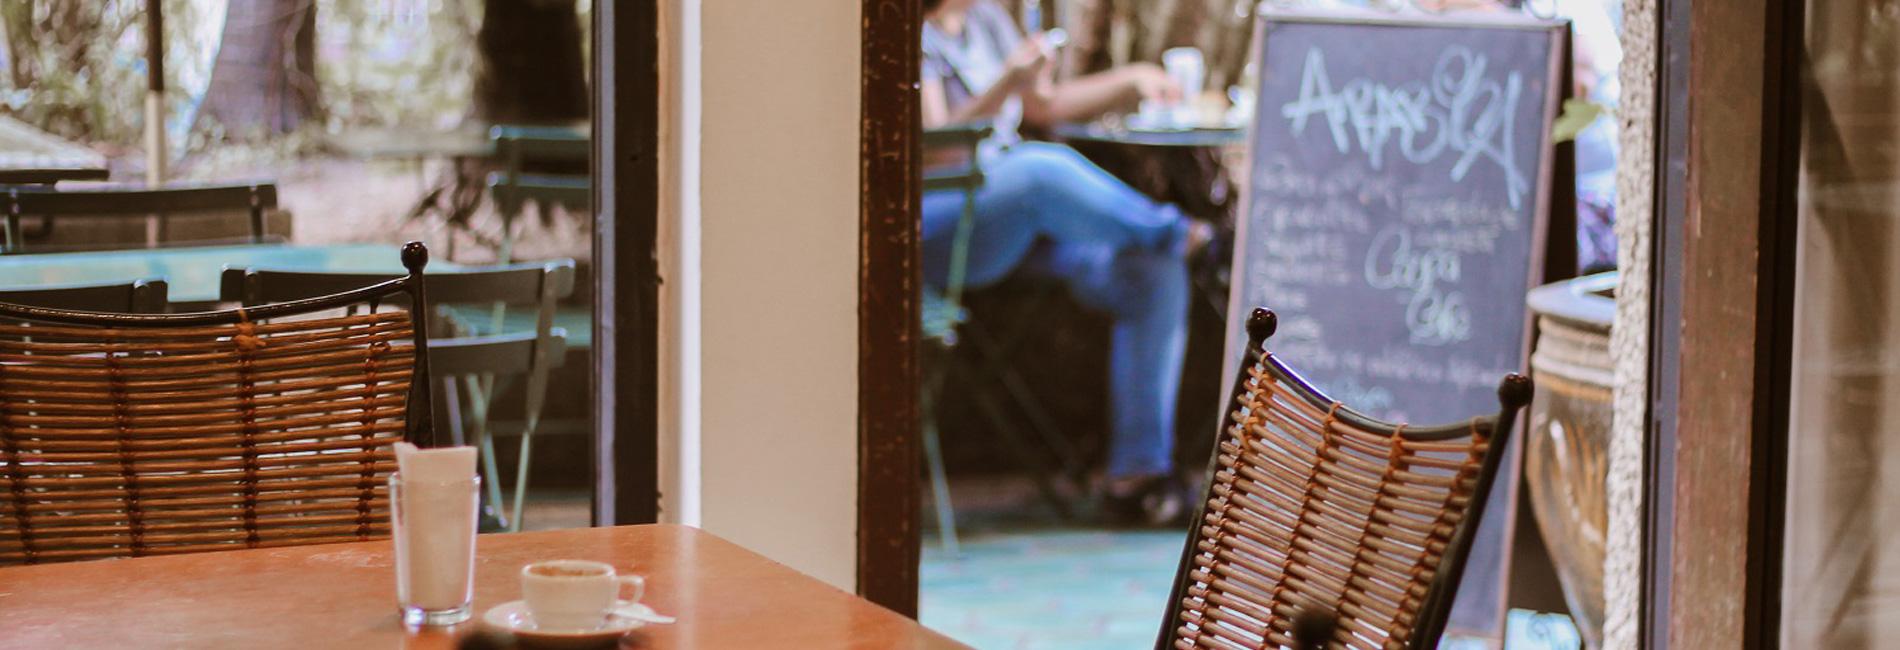 3 cosas que hacer en Café Arábica que no son tomarte un café